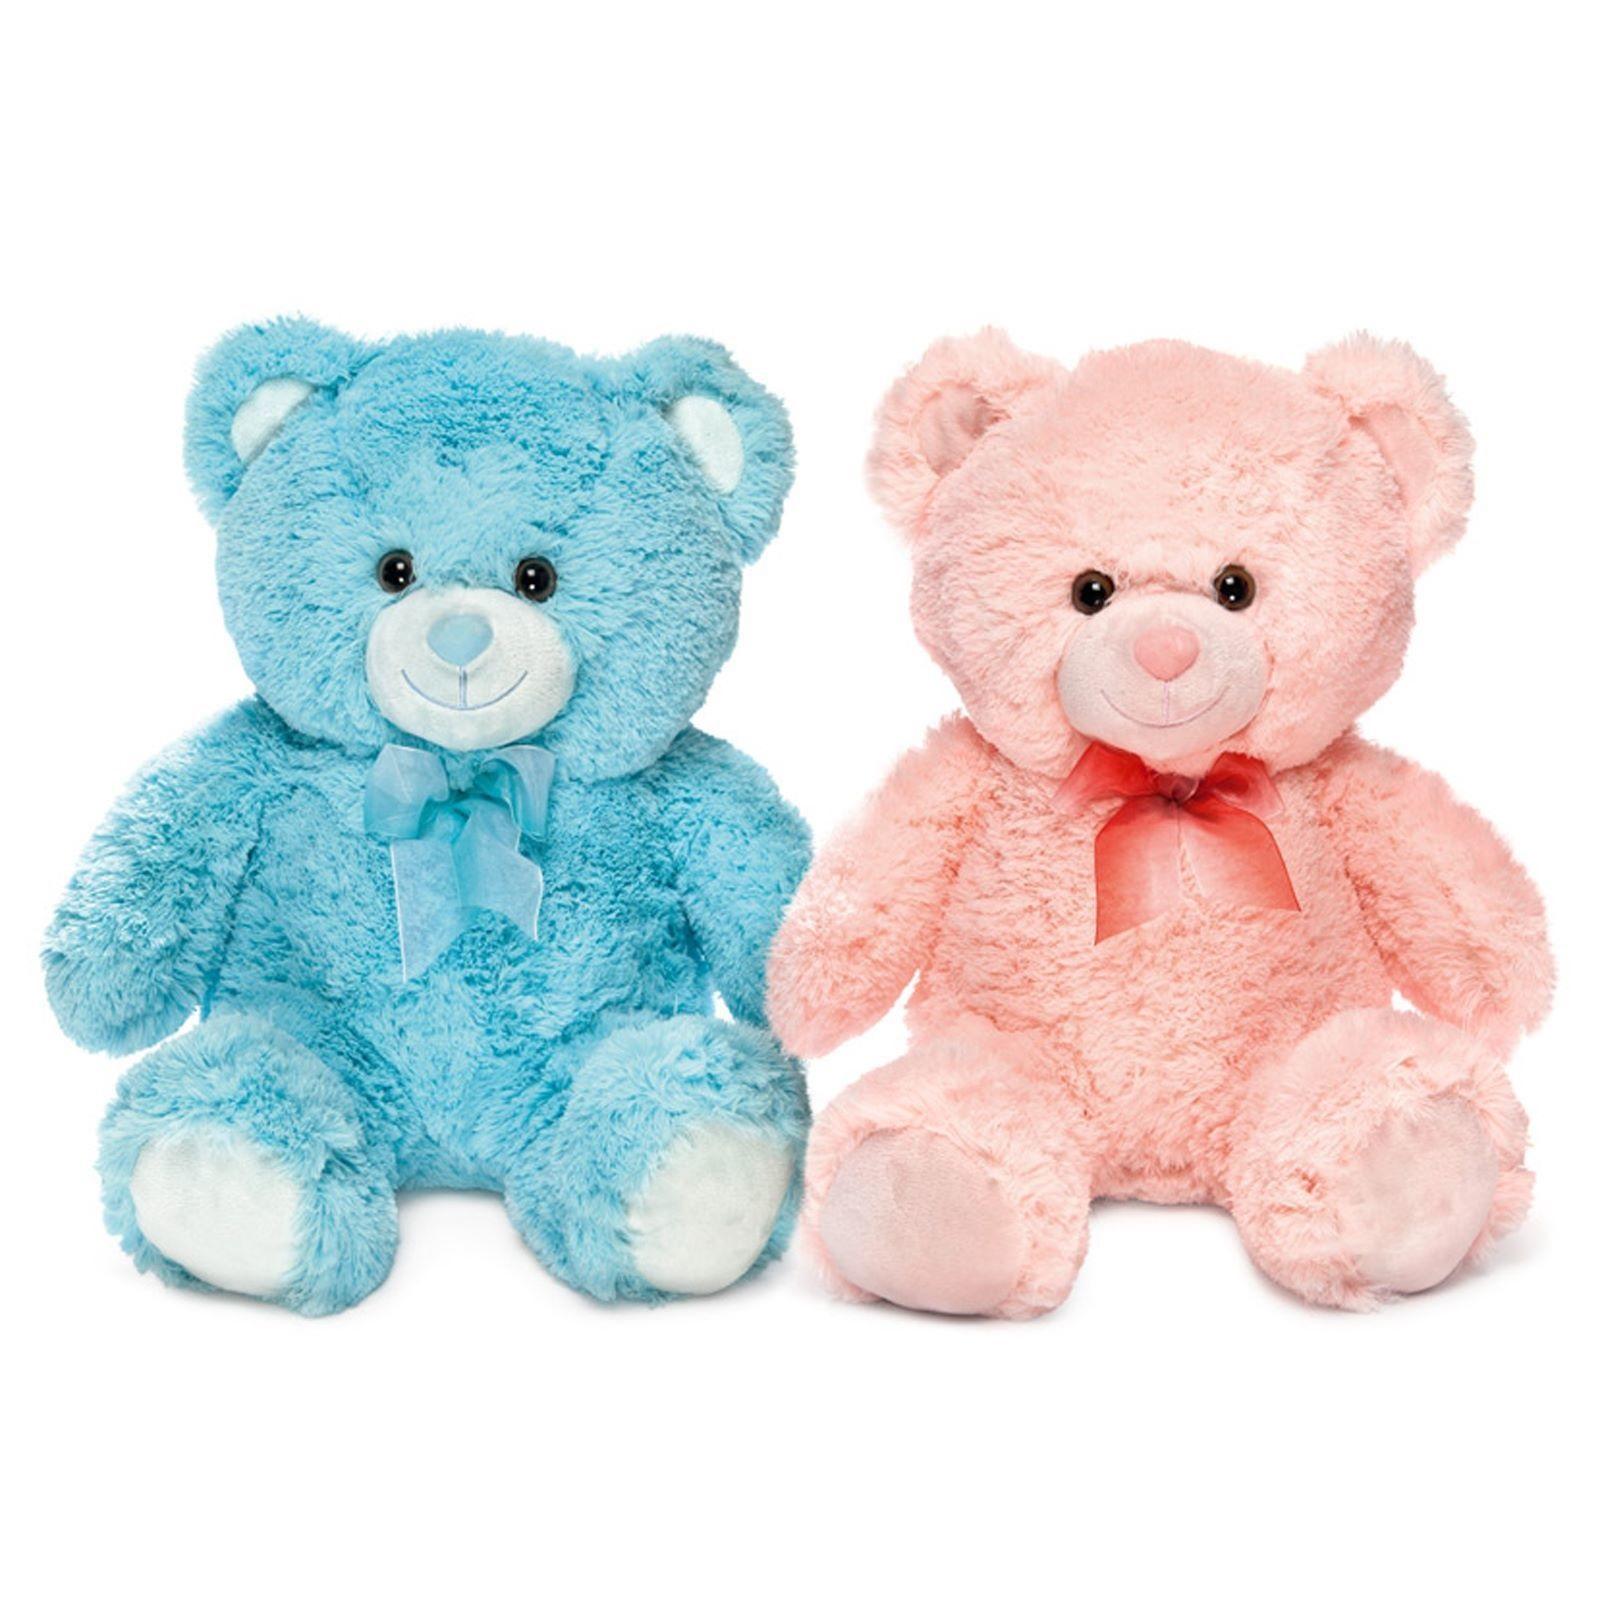 появилась перед мягкий разноцветный медвежонок игрушка фото просил людей